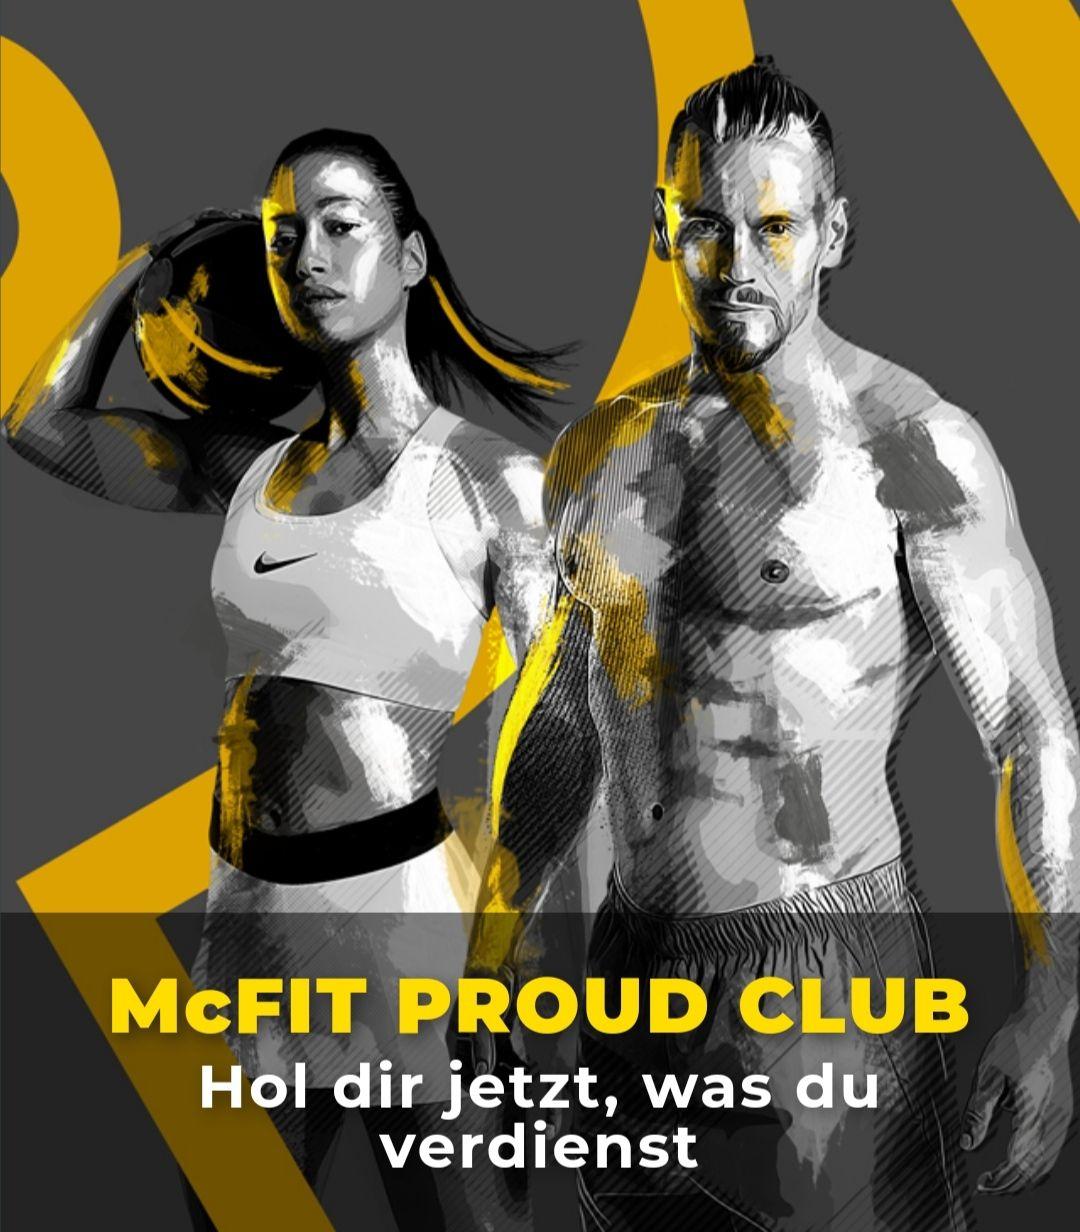 McFit Proud Club mit Angeboten für langjährige Mitglieder